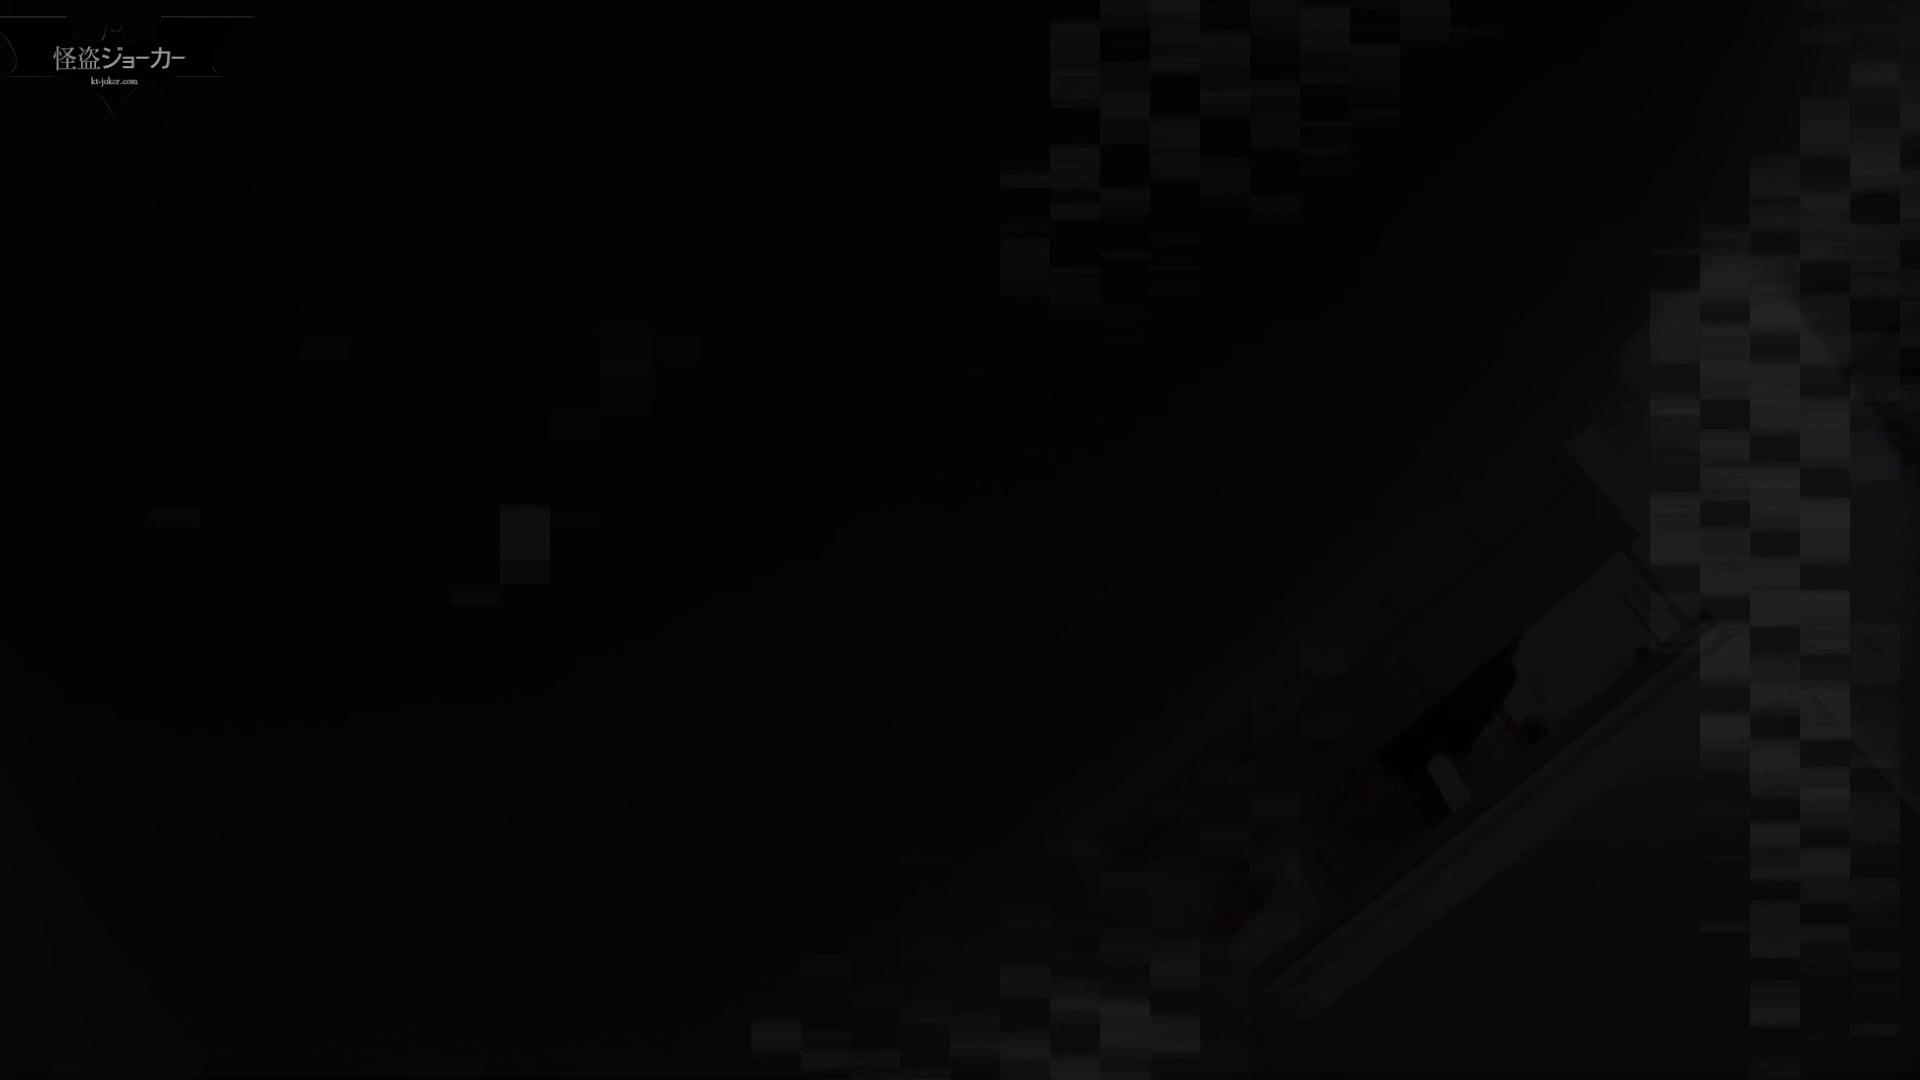 洗面所特攻隊 vol.049 飲みすぎちゃってリバース! 高画質 セックス無修正動画無料 108枚 9